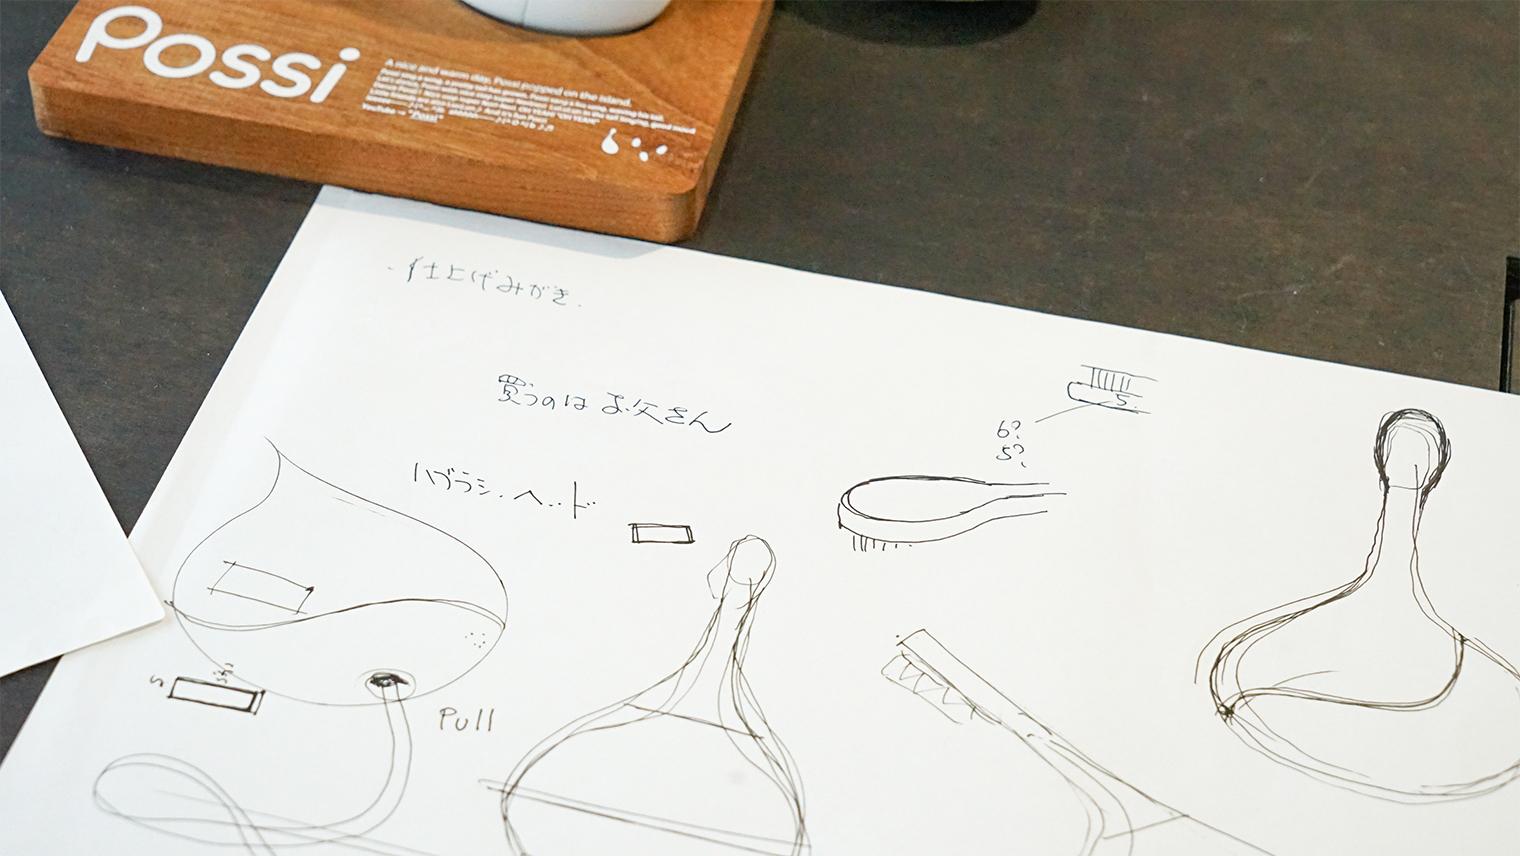 細田によるPossiのデザイン構想の際のスケッチ